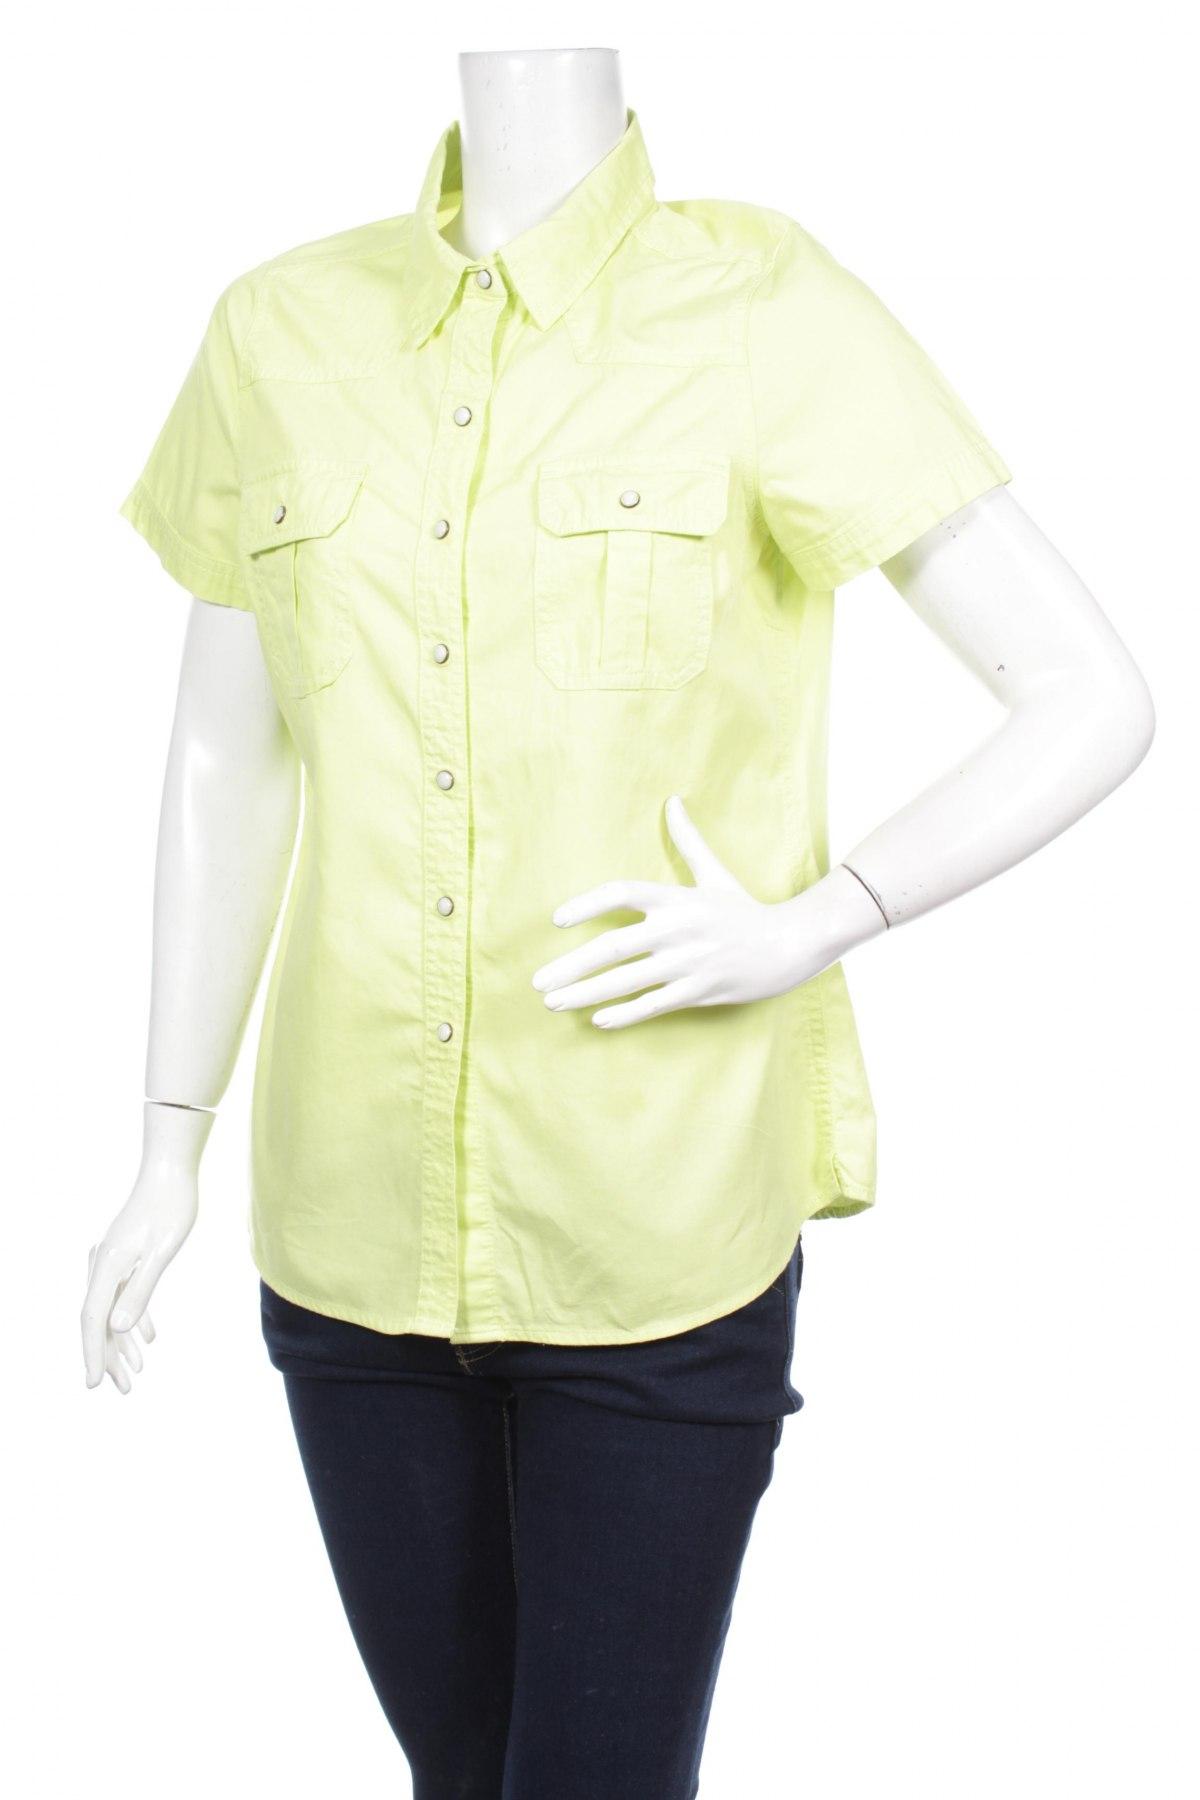 Γυναικείο πουκάμισο Janina, Μέγεθος M, Χρώμα Πράσινο, Βαμβάκι, Τιμή 9,90€